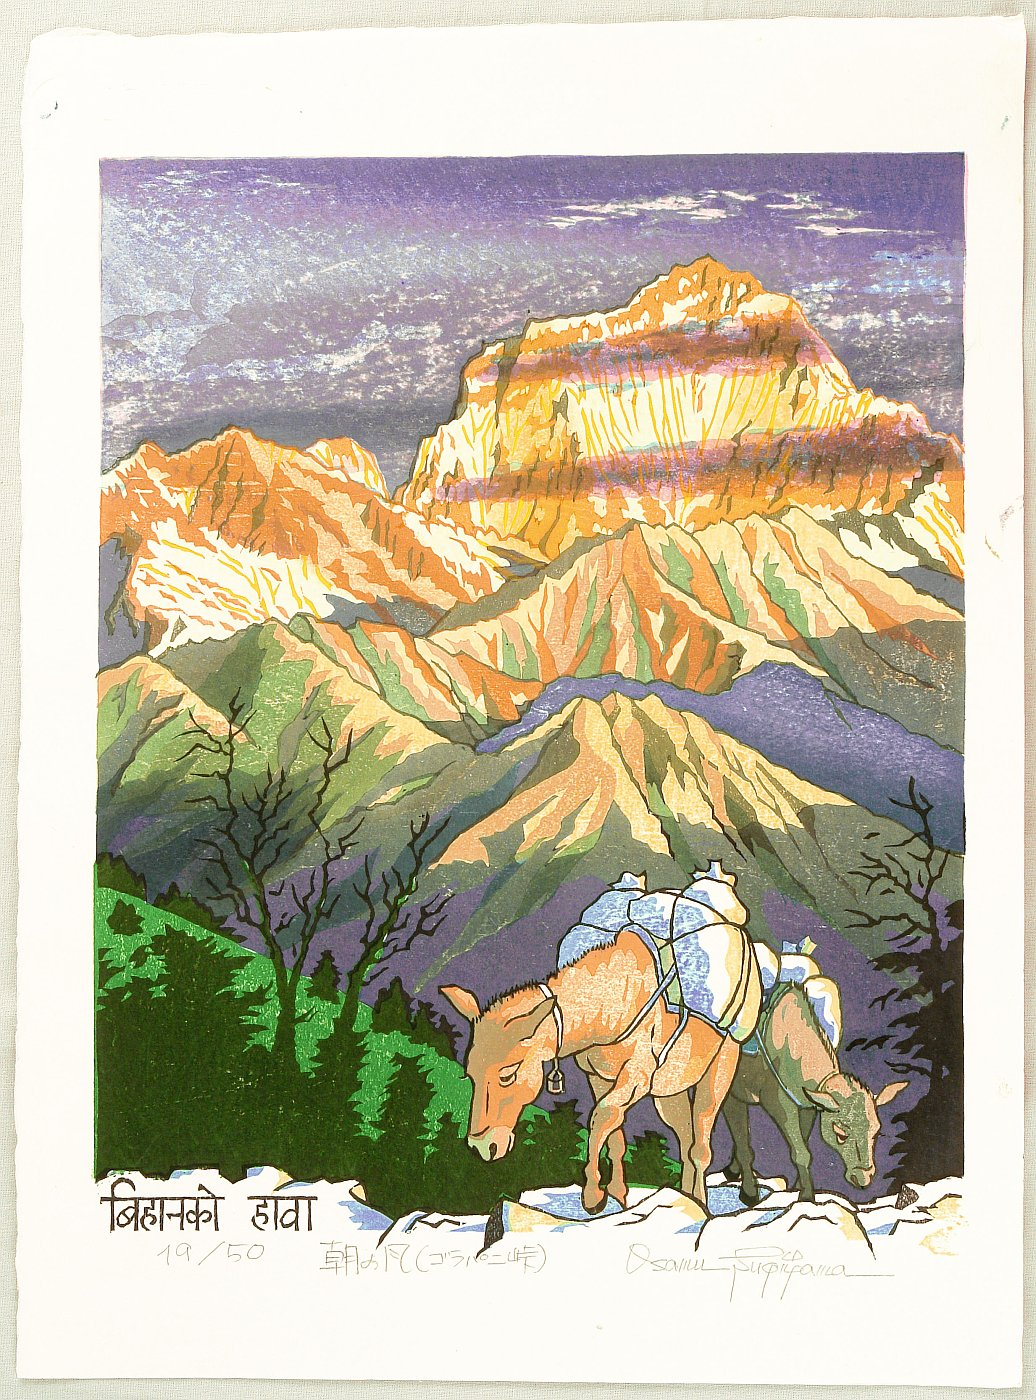 gorapani-pass-nepal